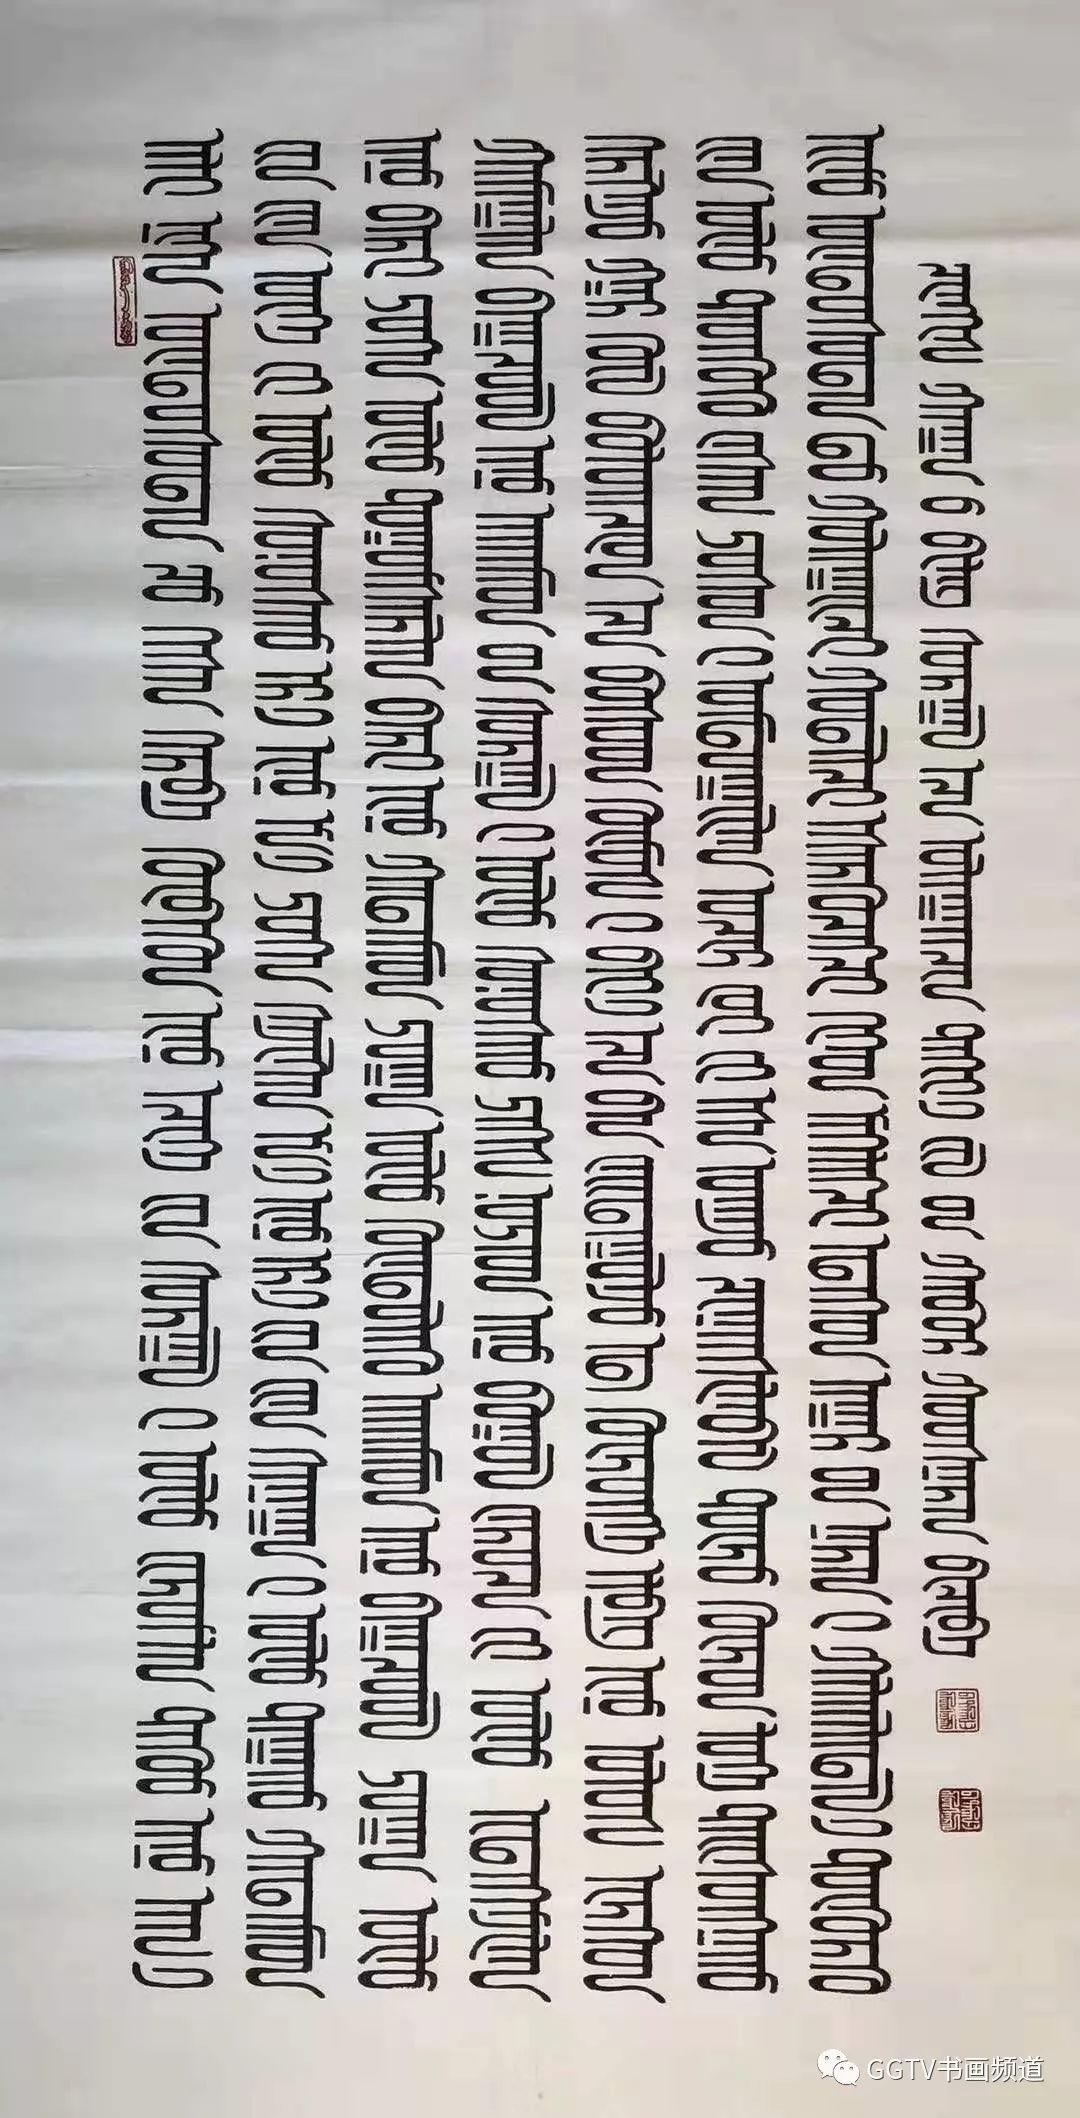 庆祝建国70周年全国优秀艺术家  —— 鲍好斯那拉作品展 第28张